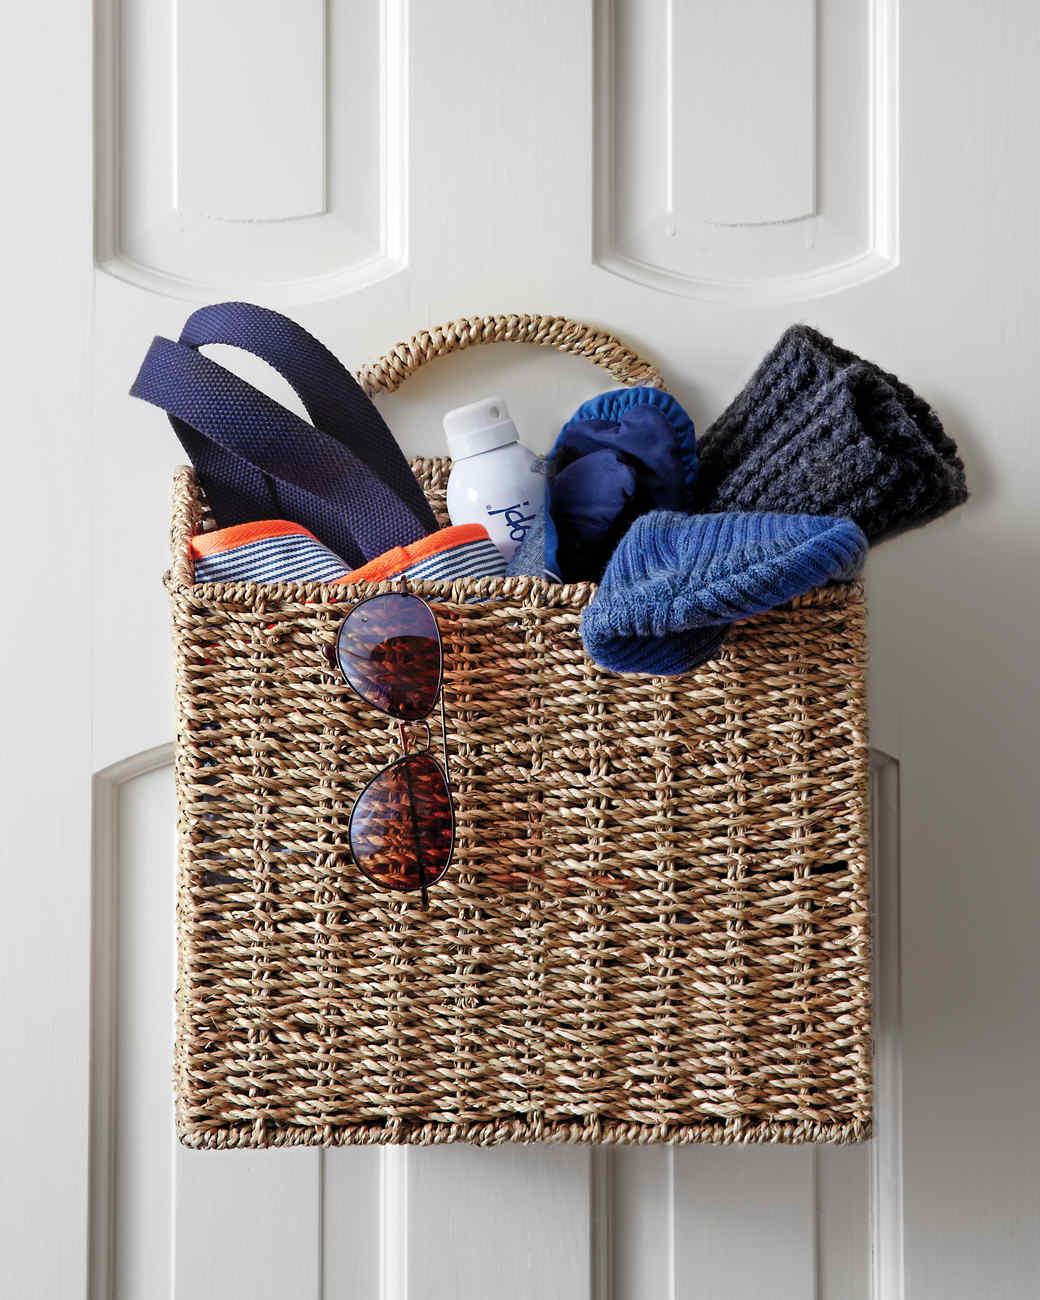 hanging-basket-detail-summer-006comp-md110840.jpg